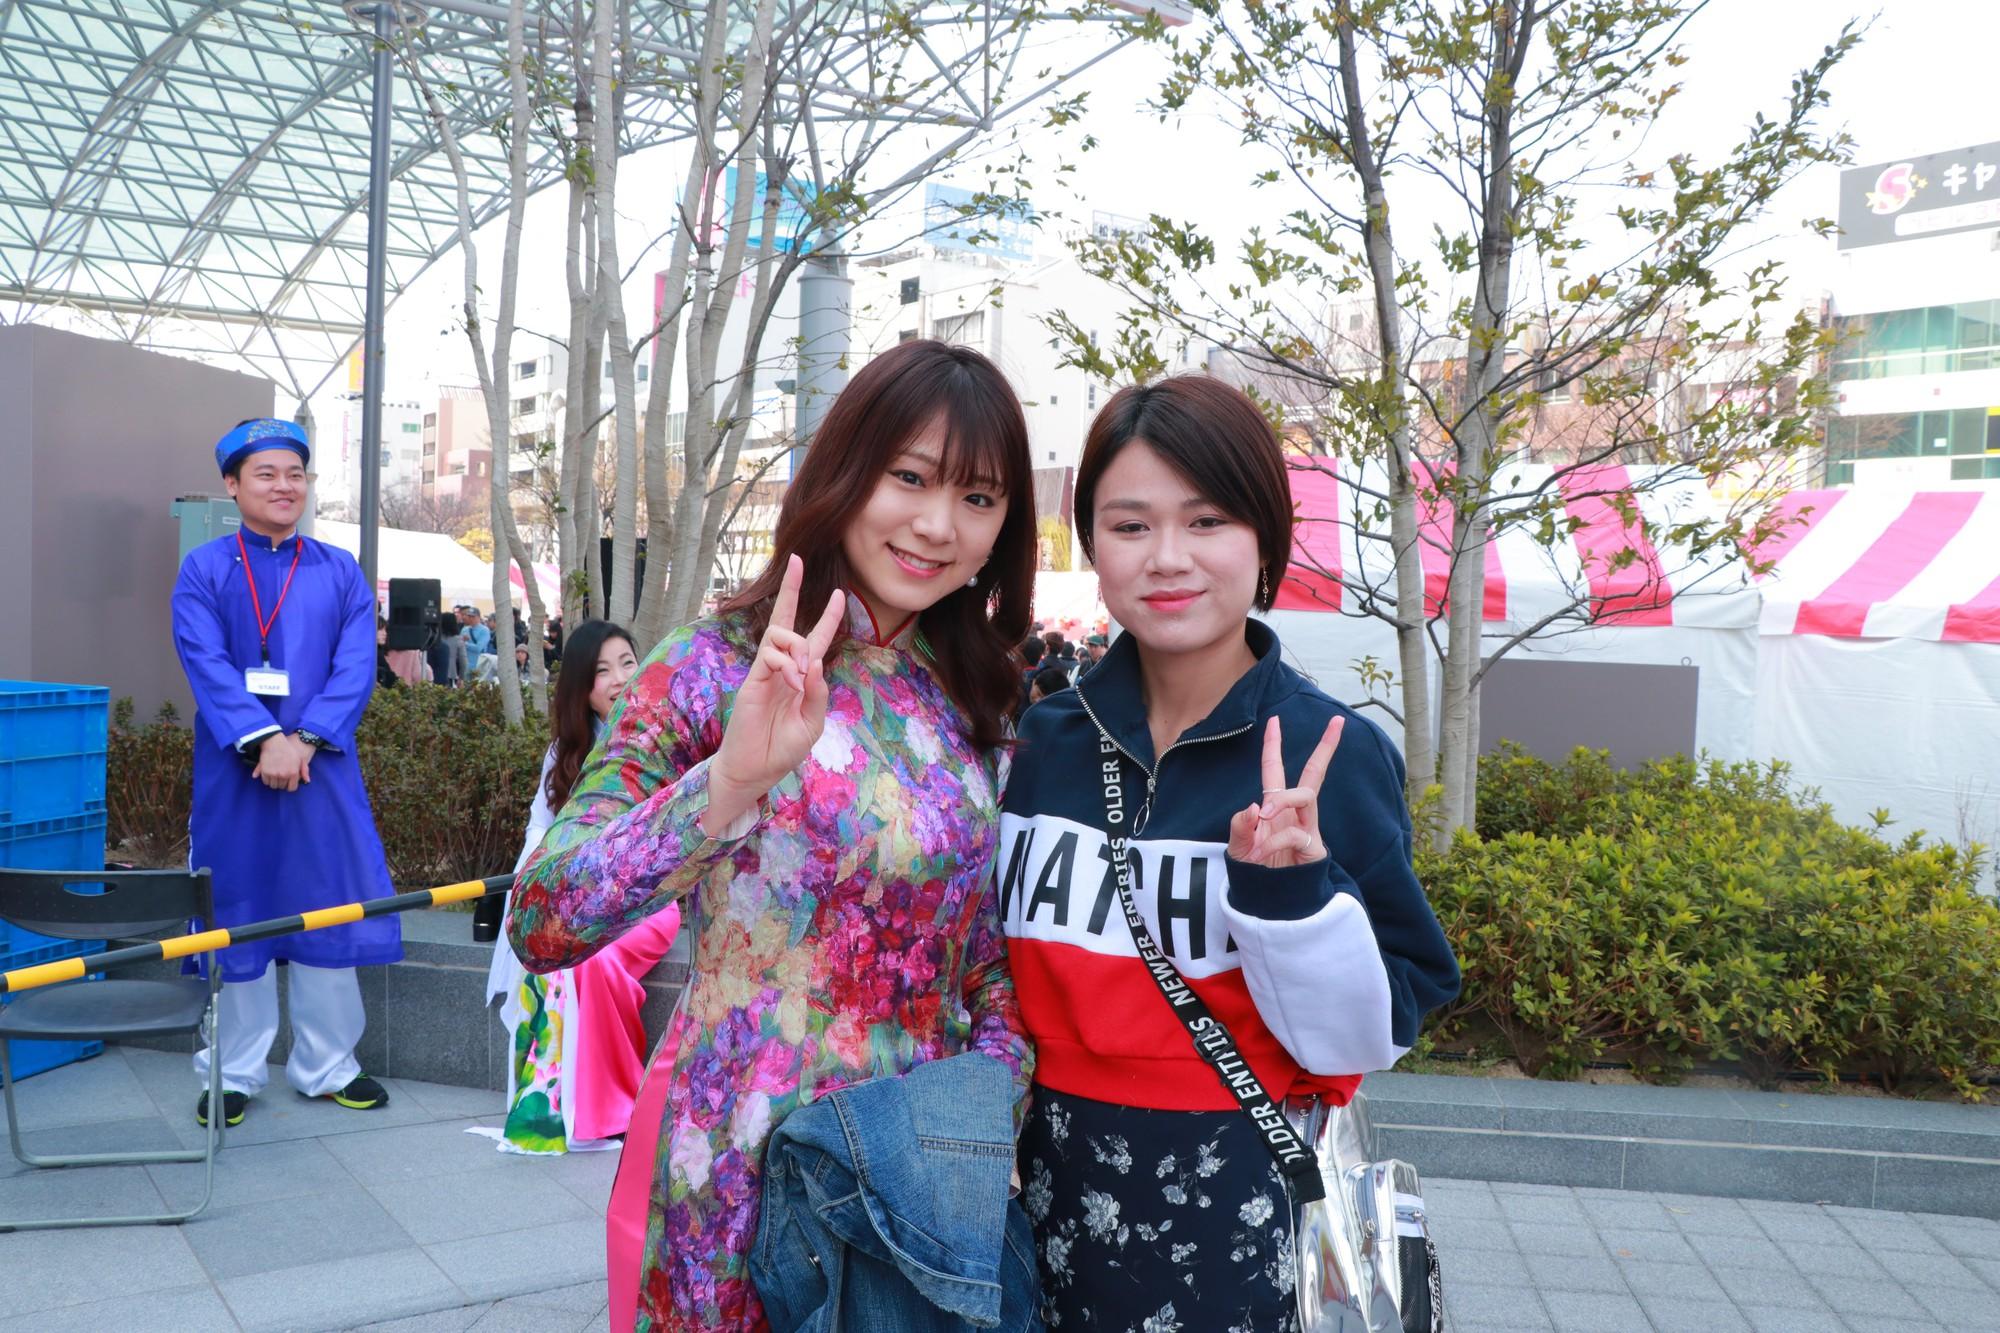 Vũ Cát Tường đến Nhật, quậy tưng bừng cùng du học sinh tại Lễ hội văn hóa Việt Nam 2018 - Ảnh 9.